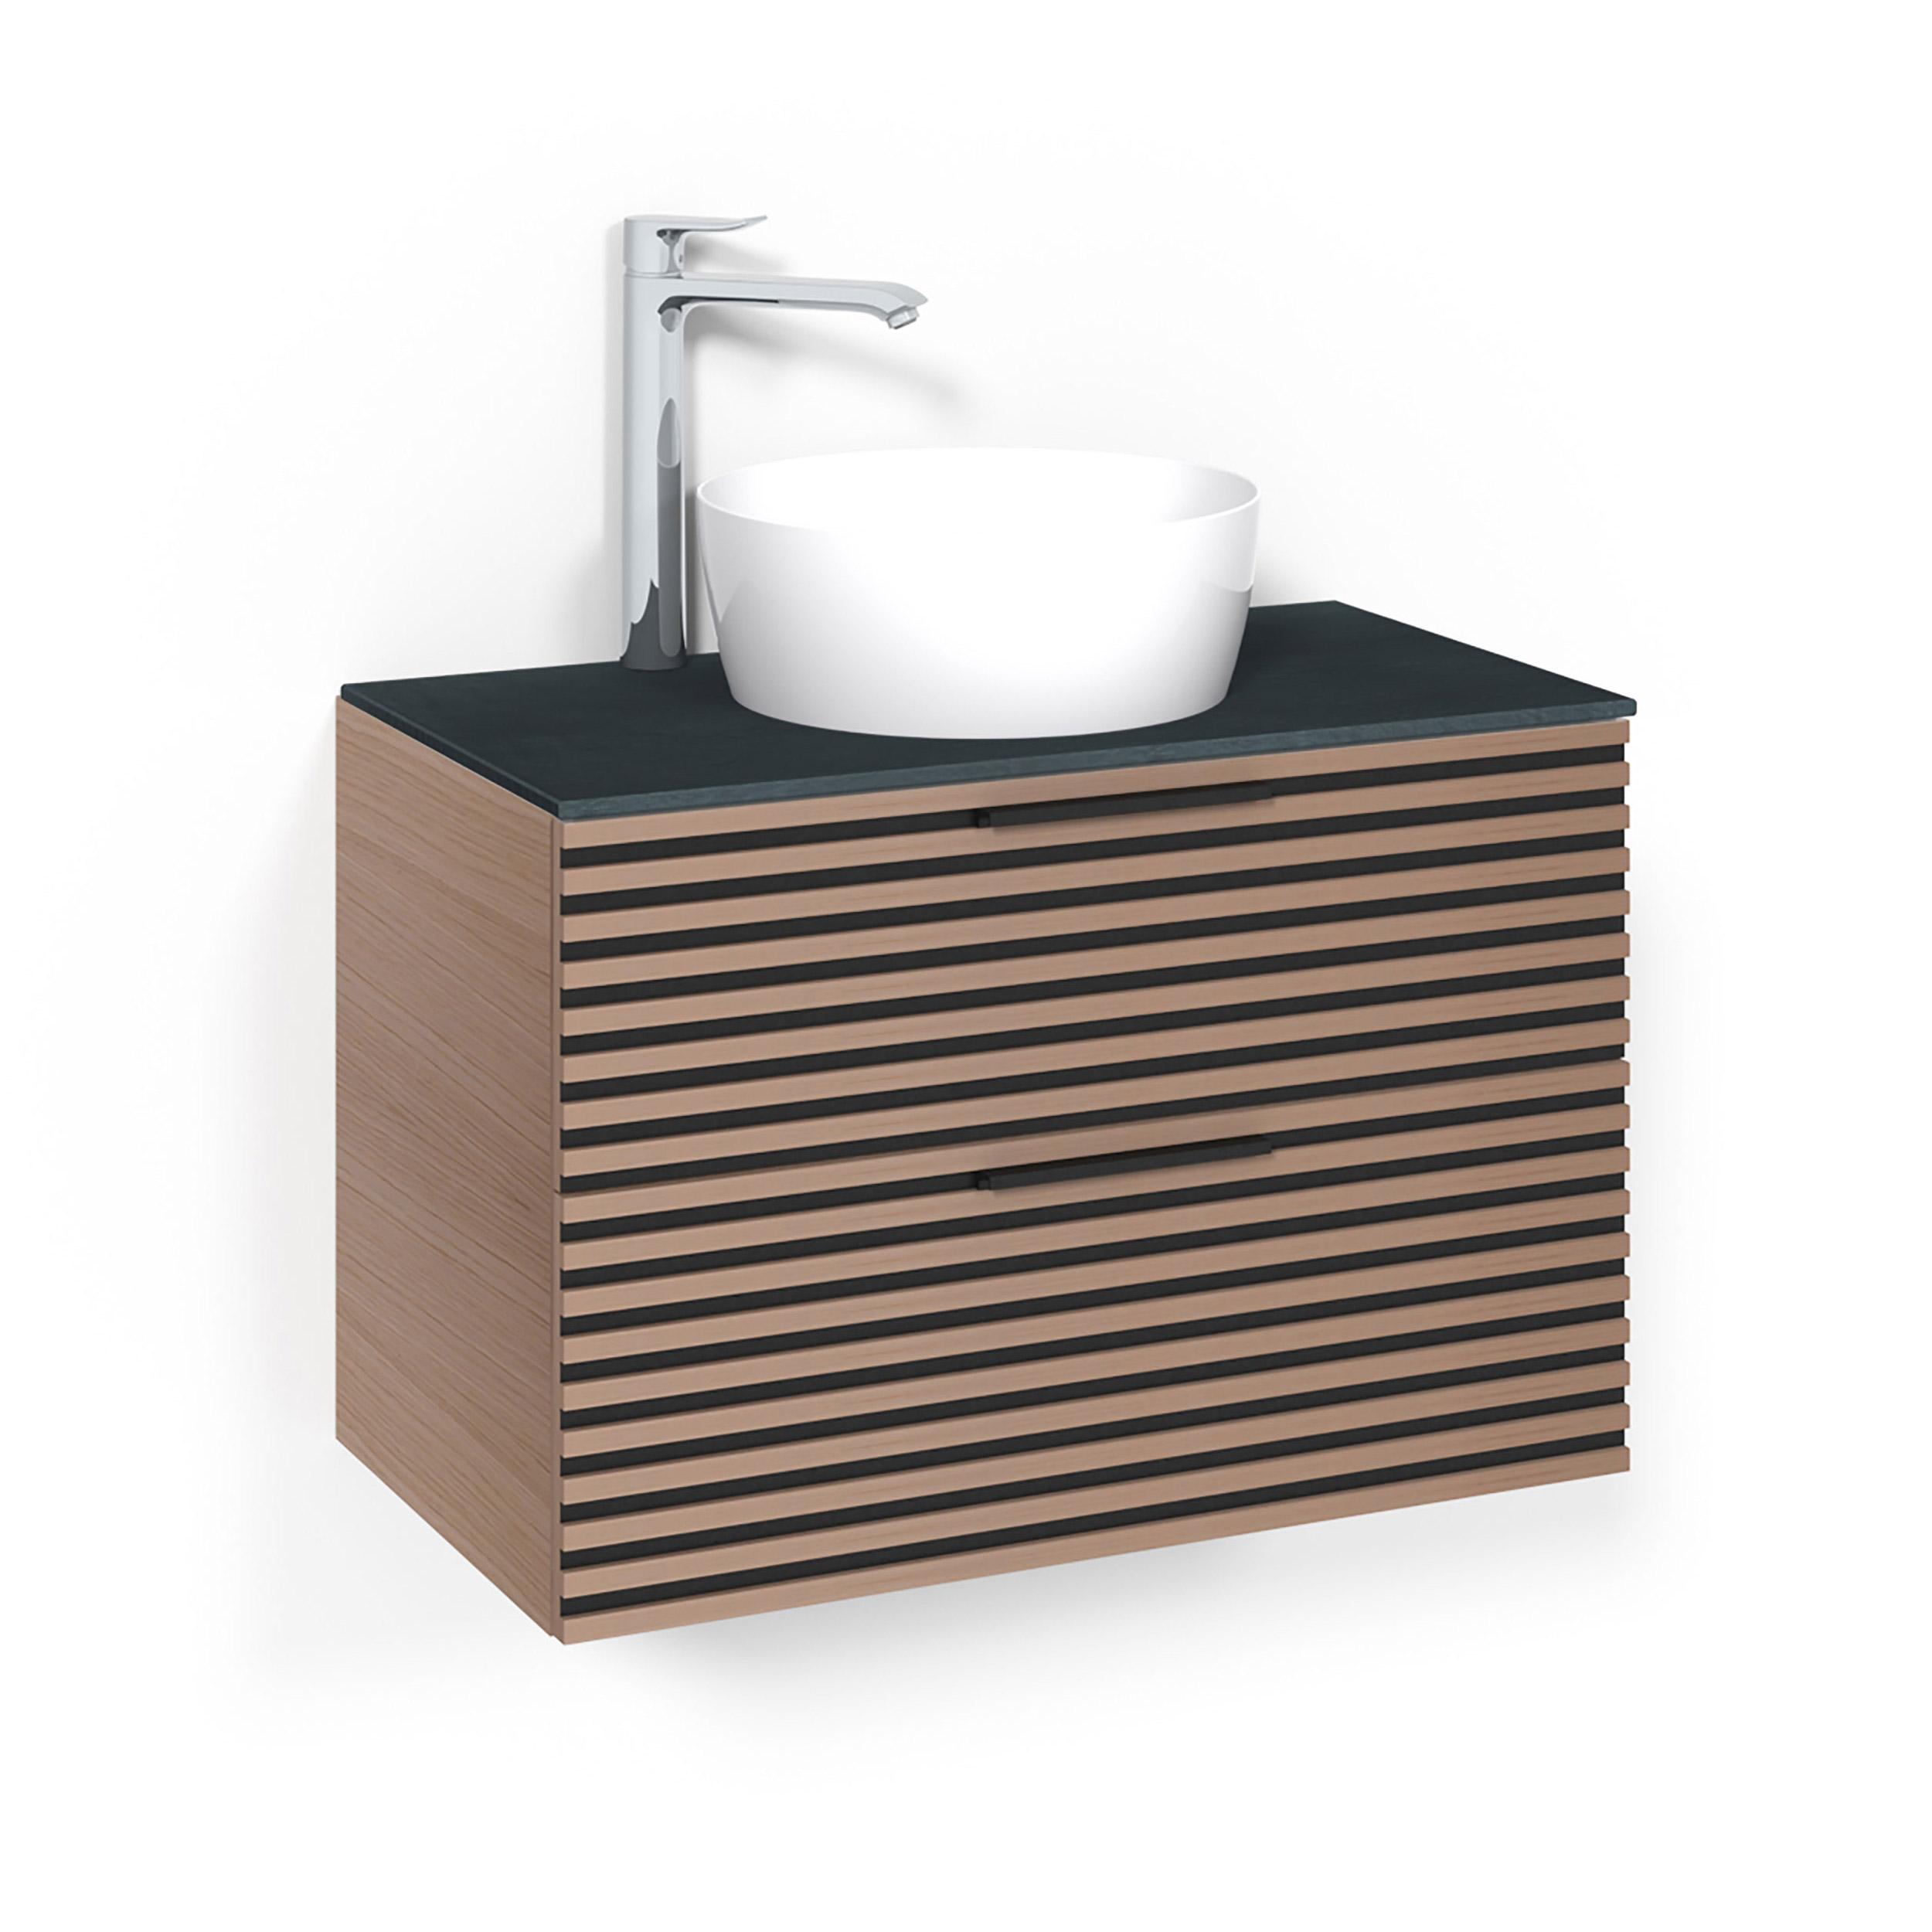 Tvättställsskåp Macro Design Crown Stripe Ovanpåliggande Tvättställ